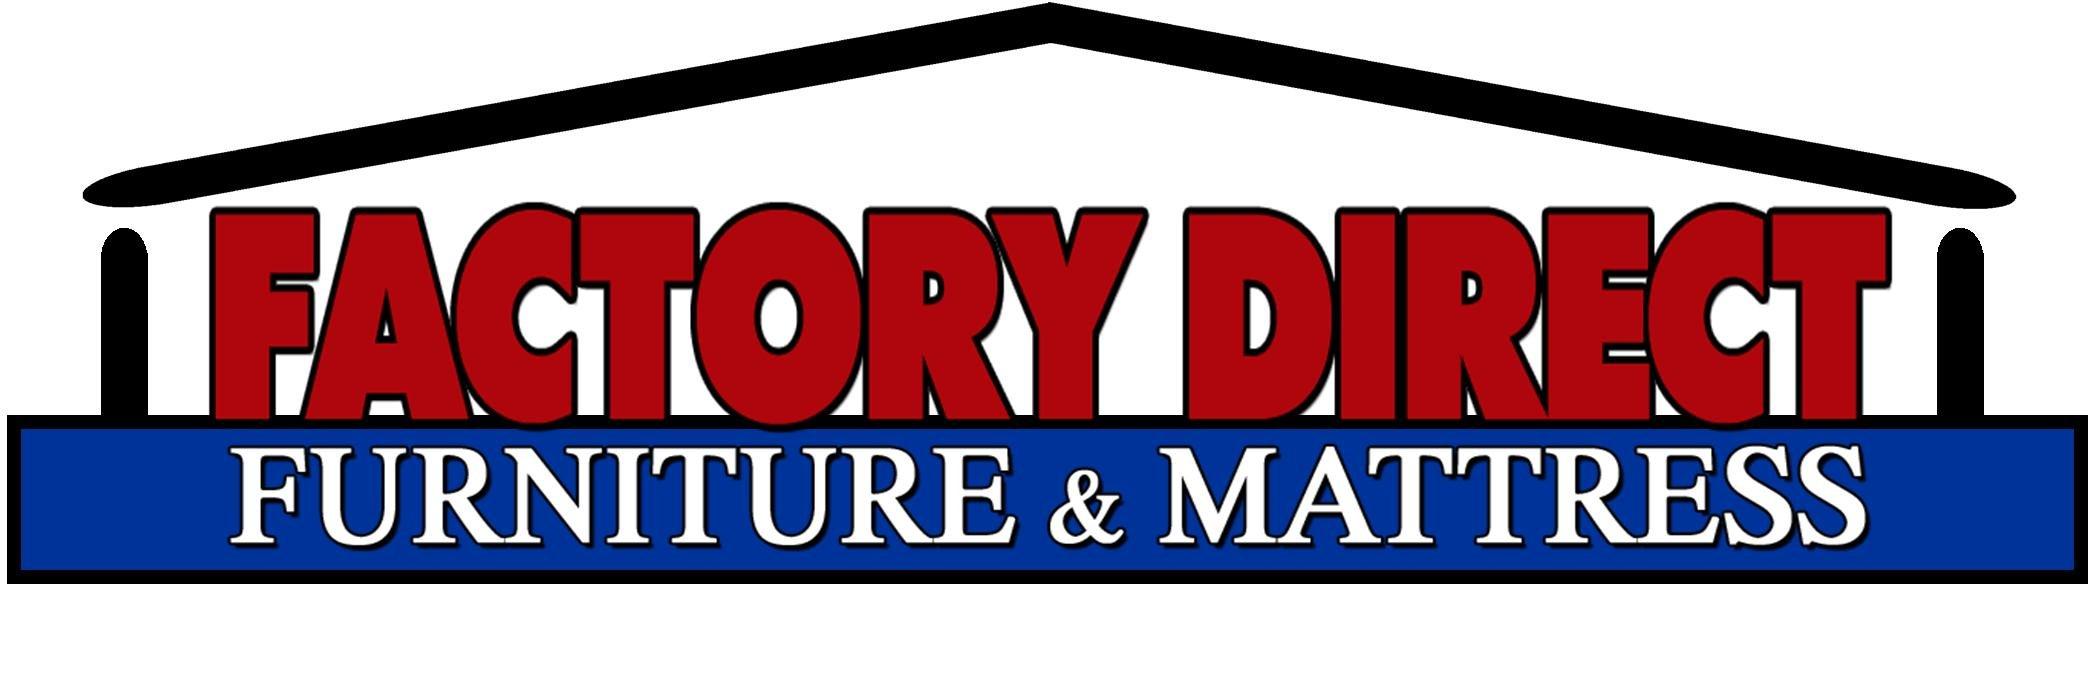 Factory Direct Mattress, Inc.